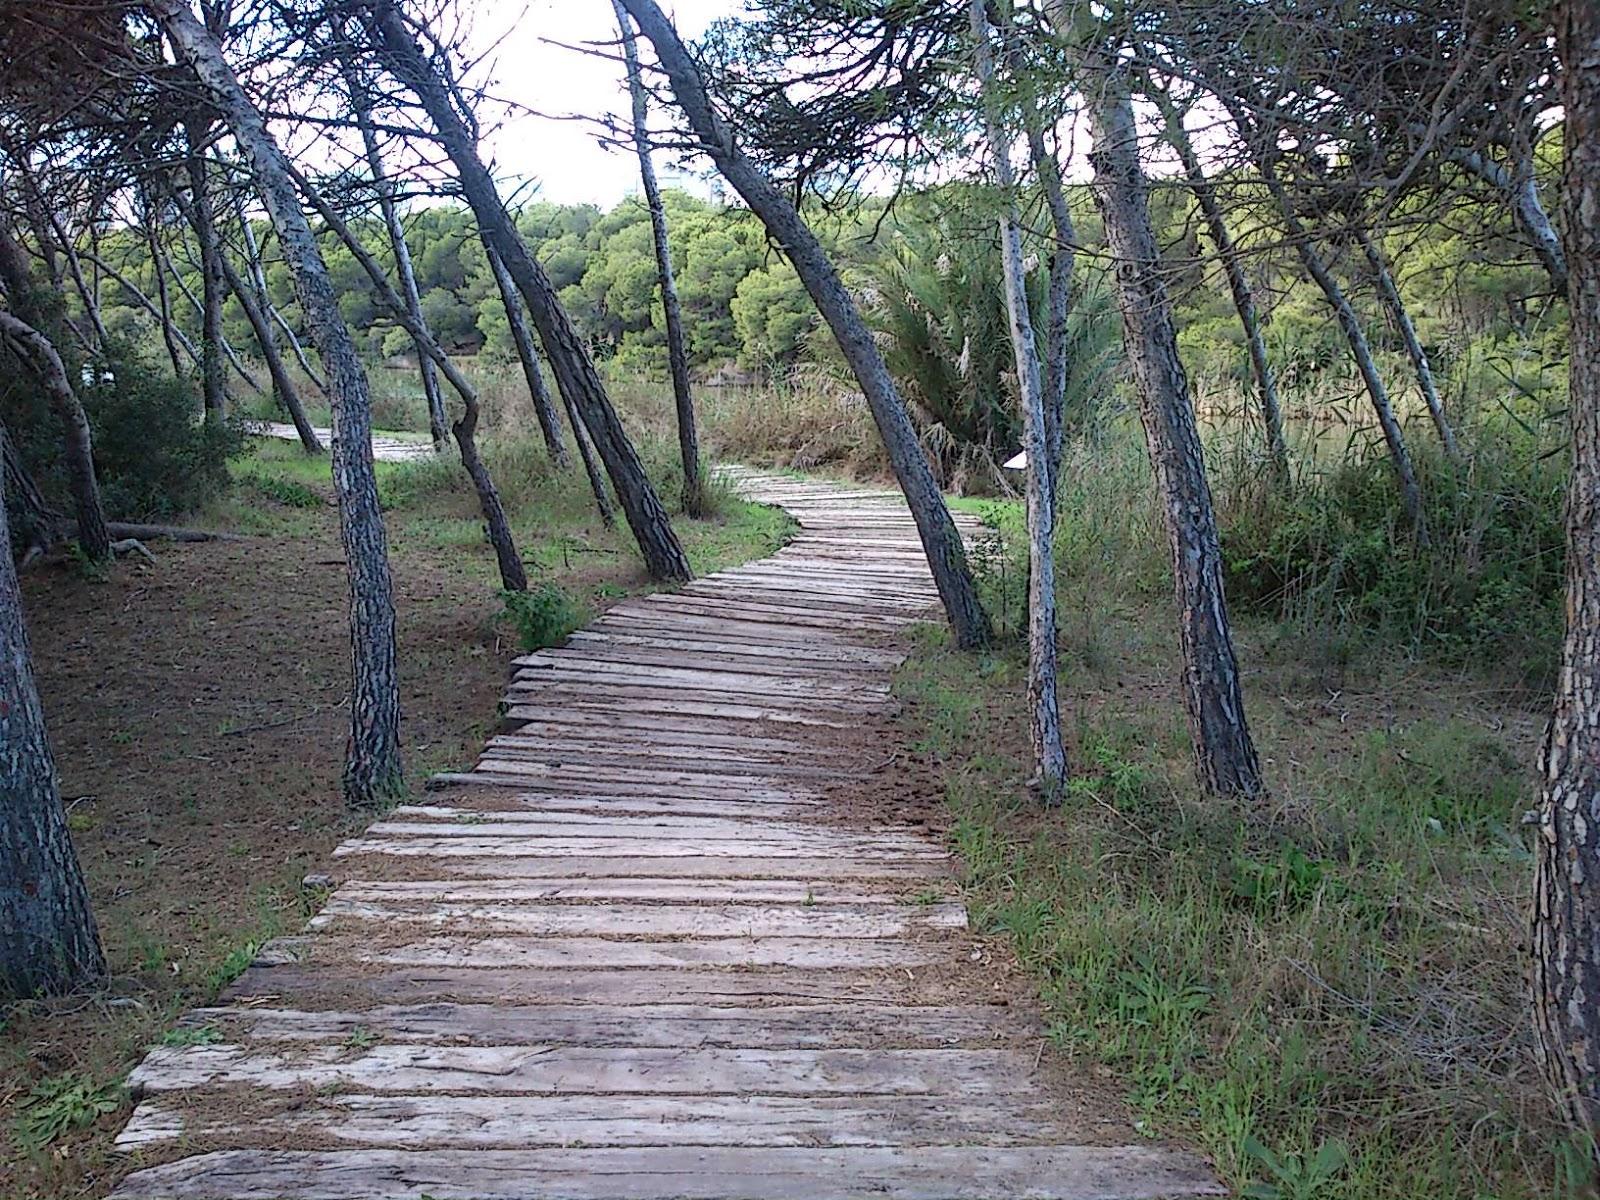 Pedacitos de ysabel el camino de baldosas de madera - Baldosas de madera ...